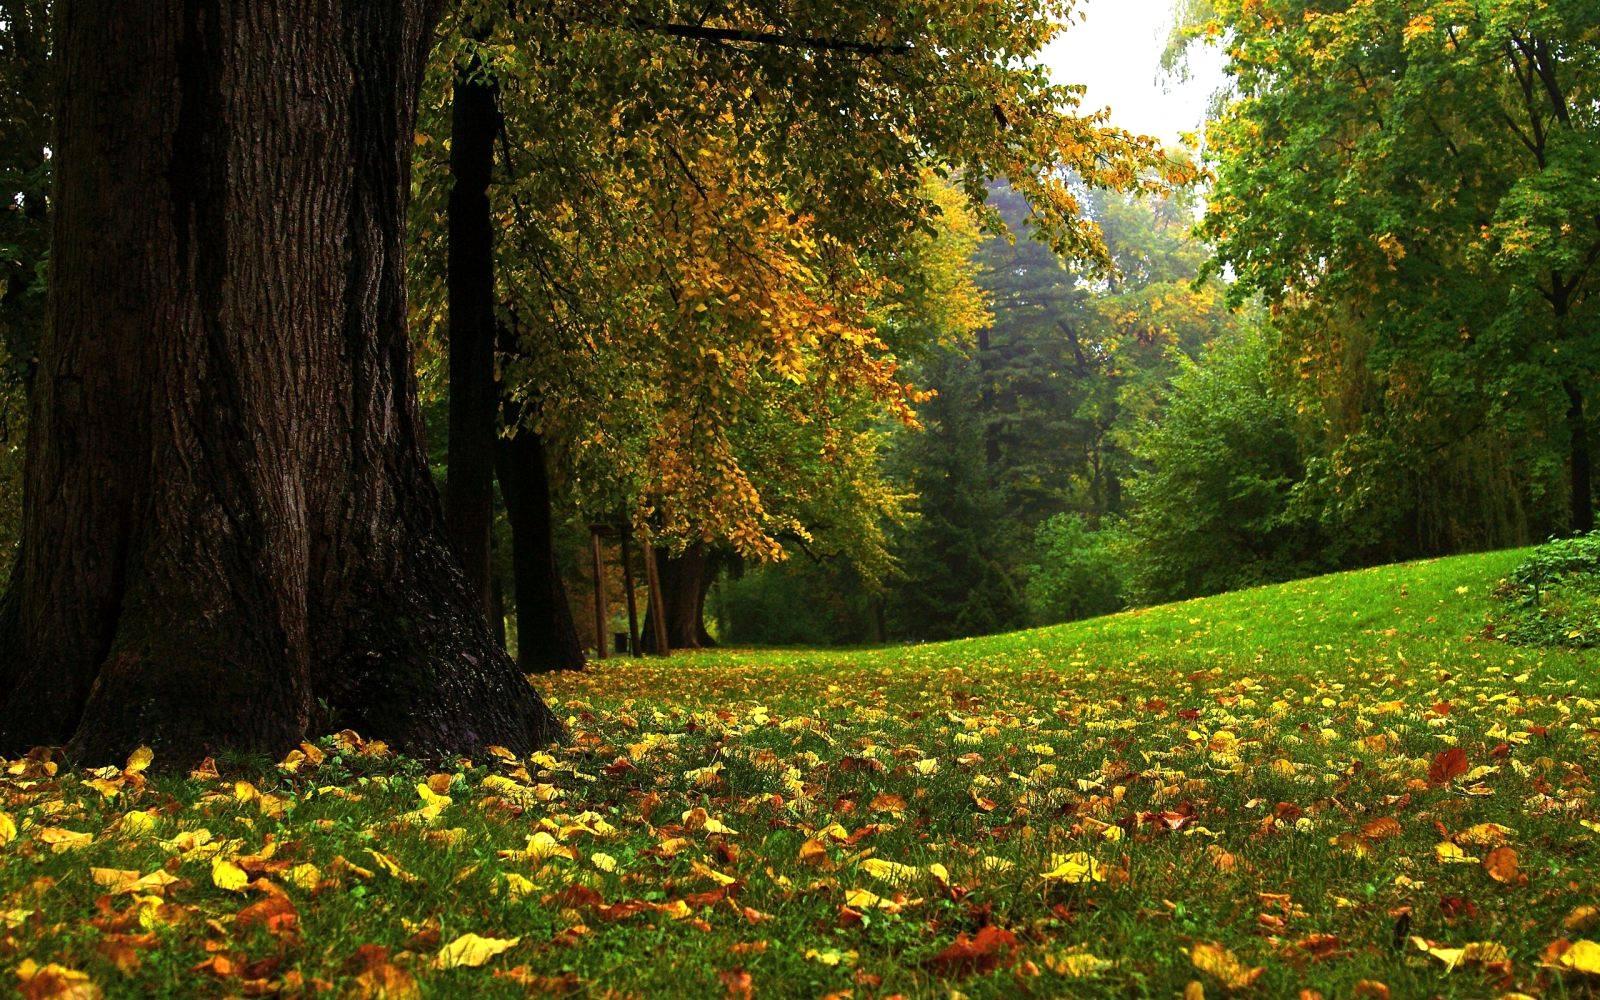 A Importância das Florestas para a Vida